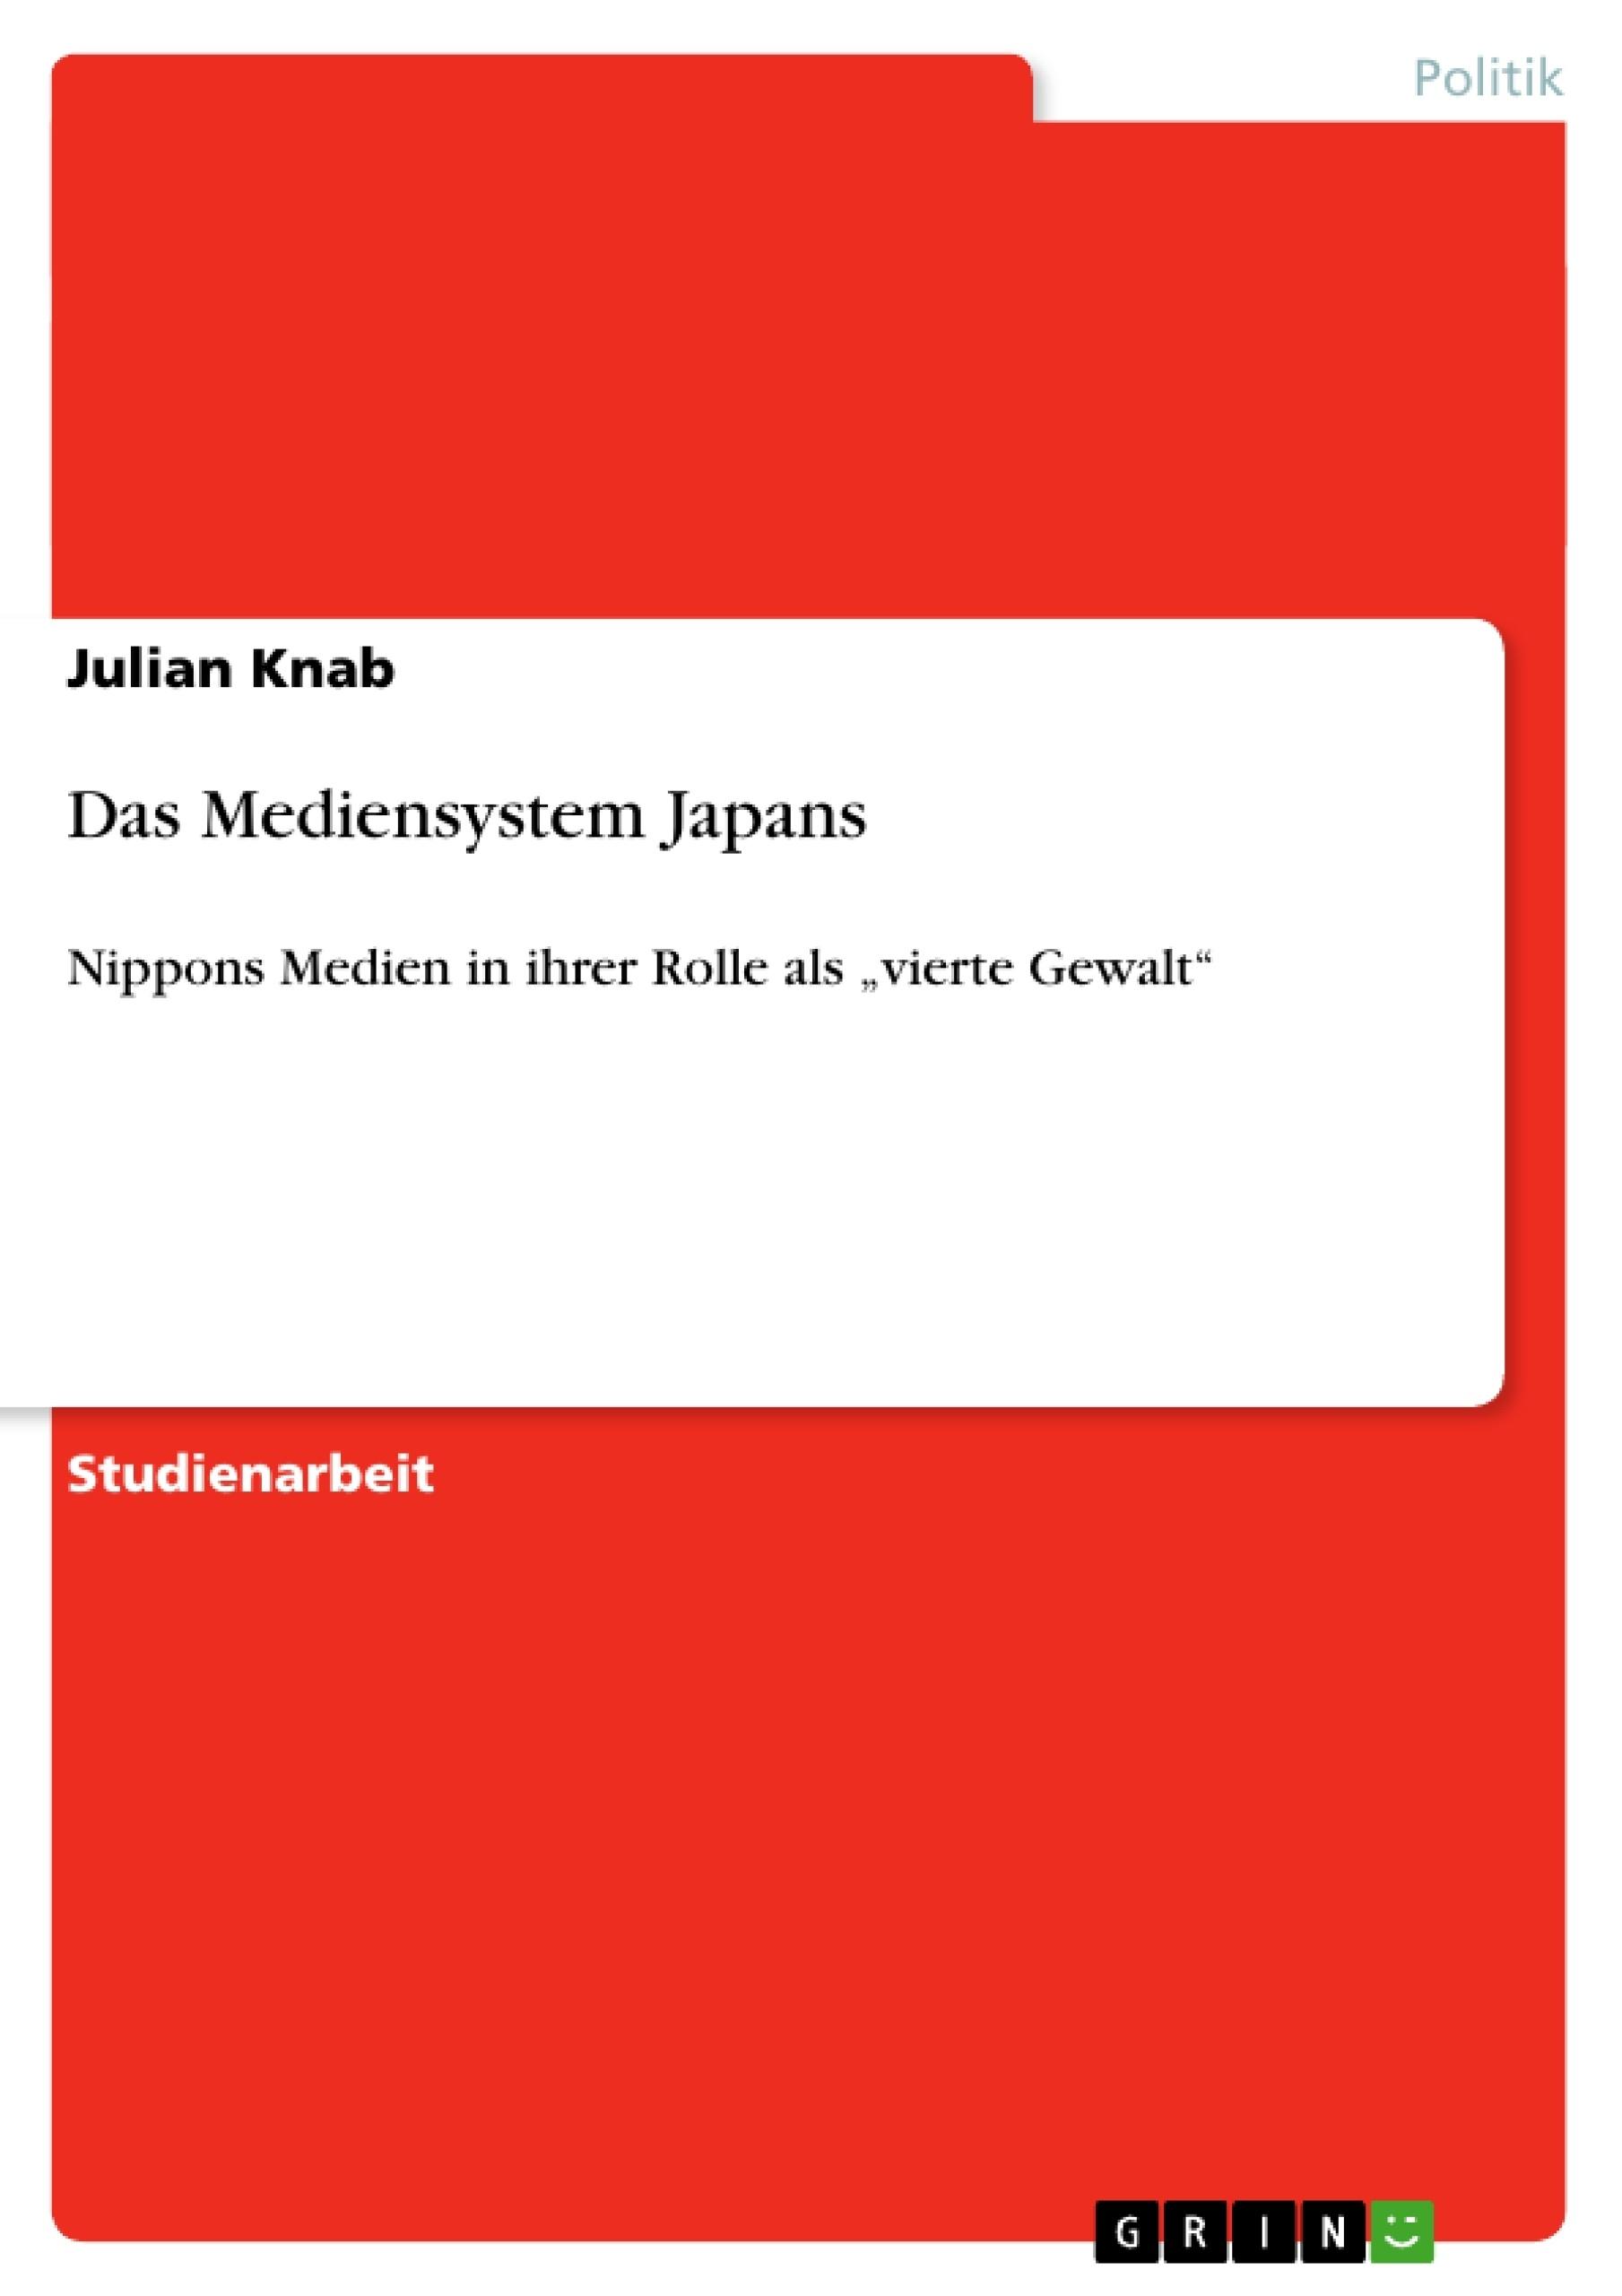 Titel: Das Mediensystem Japans